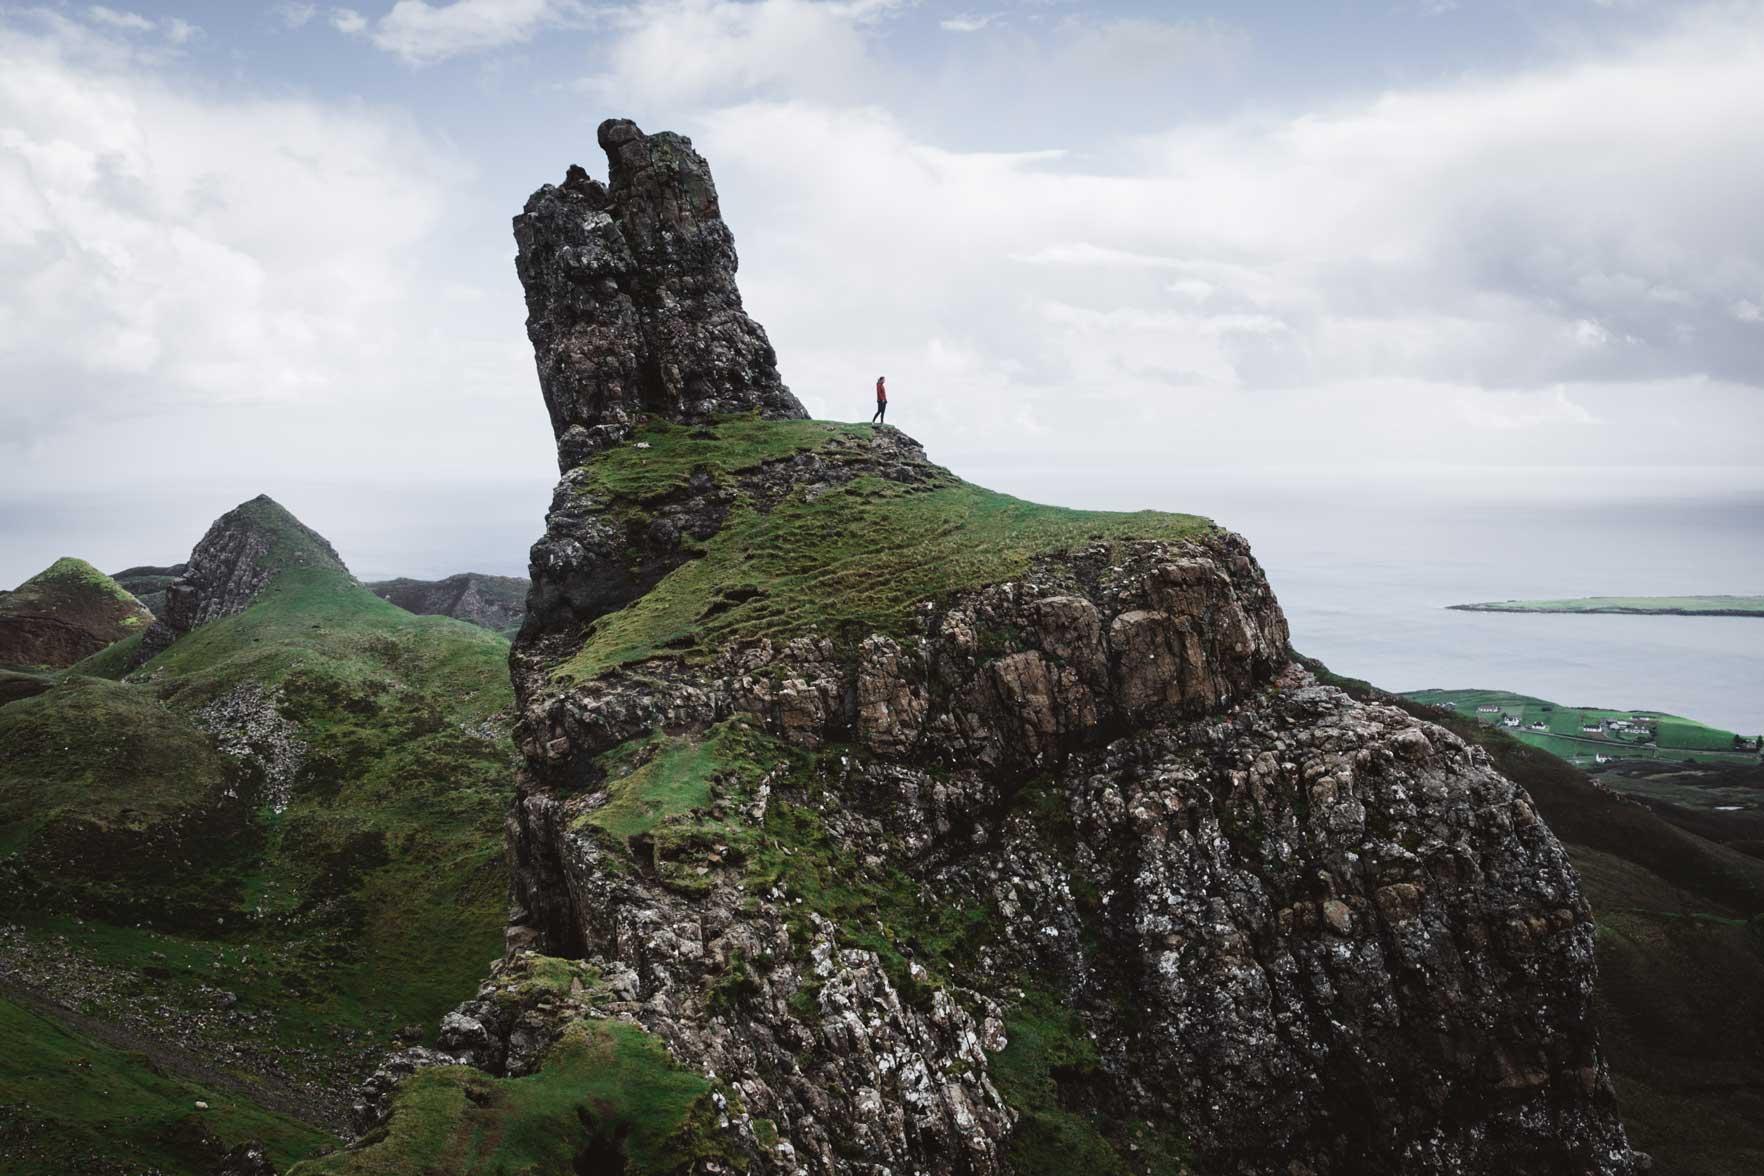 outdoor-fotografie-tipps-manuela-palmberger-munichmountaingirls-bildausschnitt